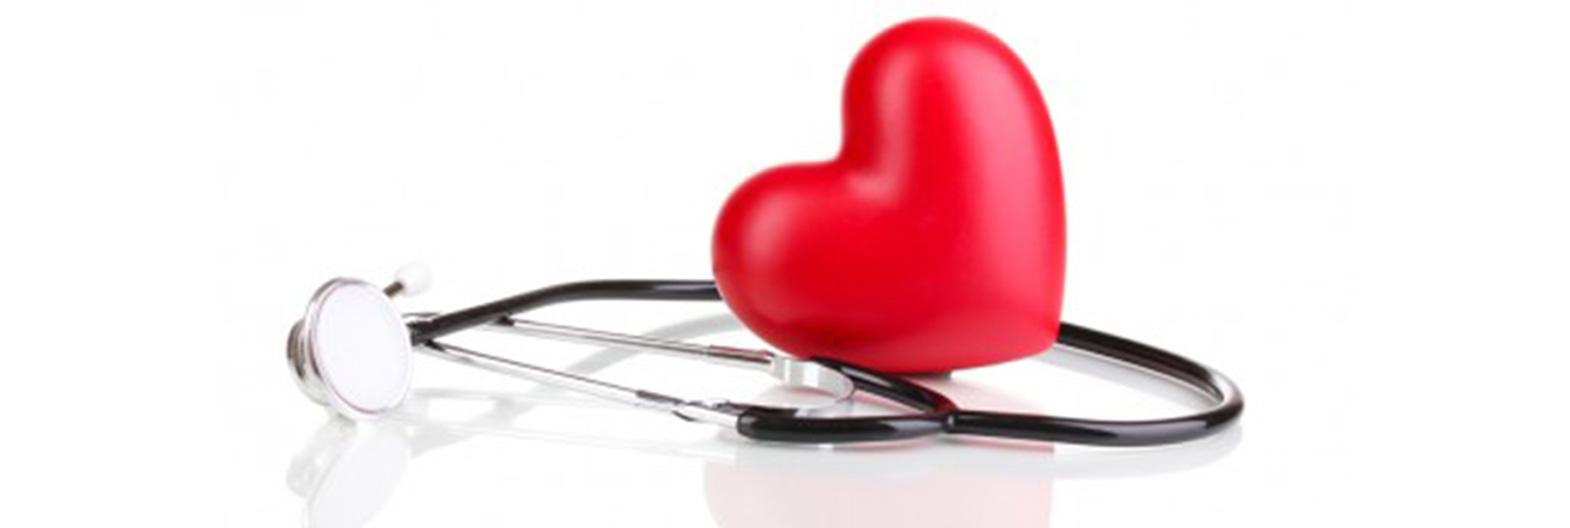 naujausios kartos nuo hipertenzijos